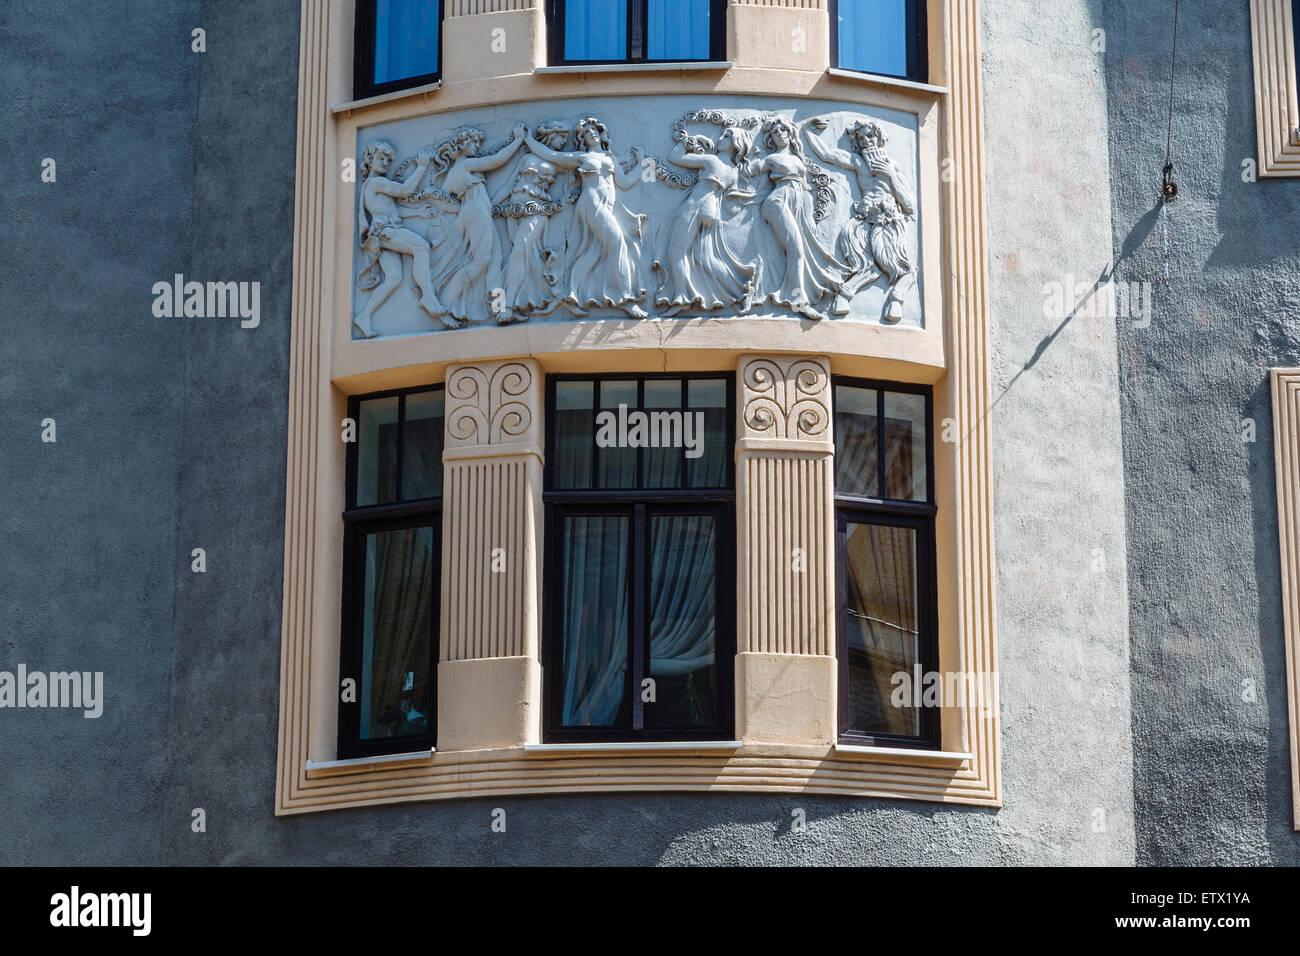 Facade of Art Nouveau (Jugendstil) building at Vilandes Iela 10 in Riga, Latvia, designed by architect Konstantins - Stock Image